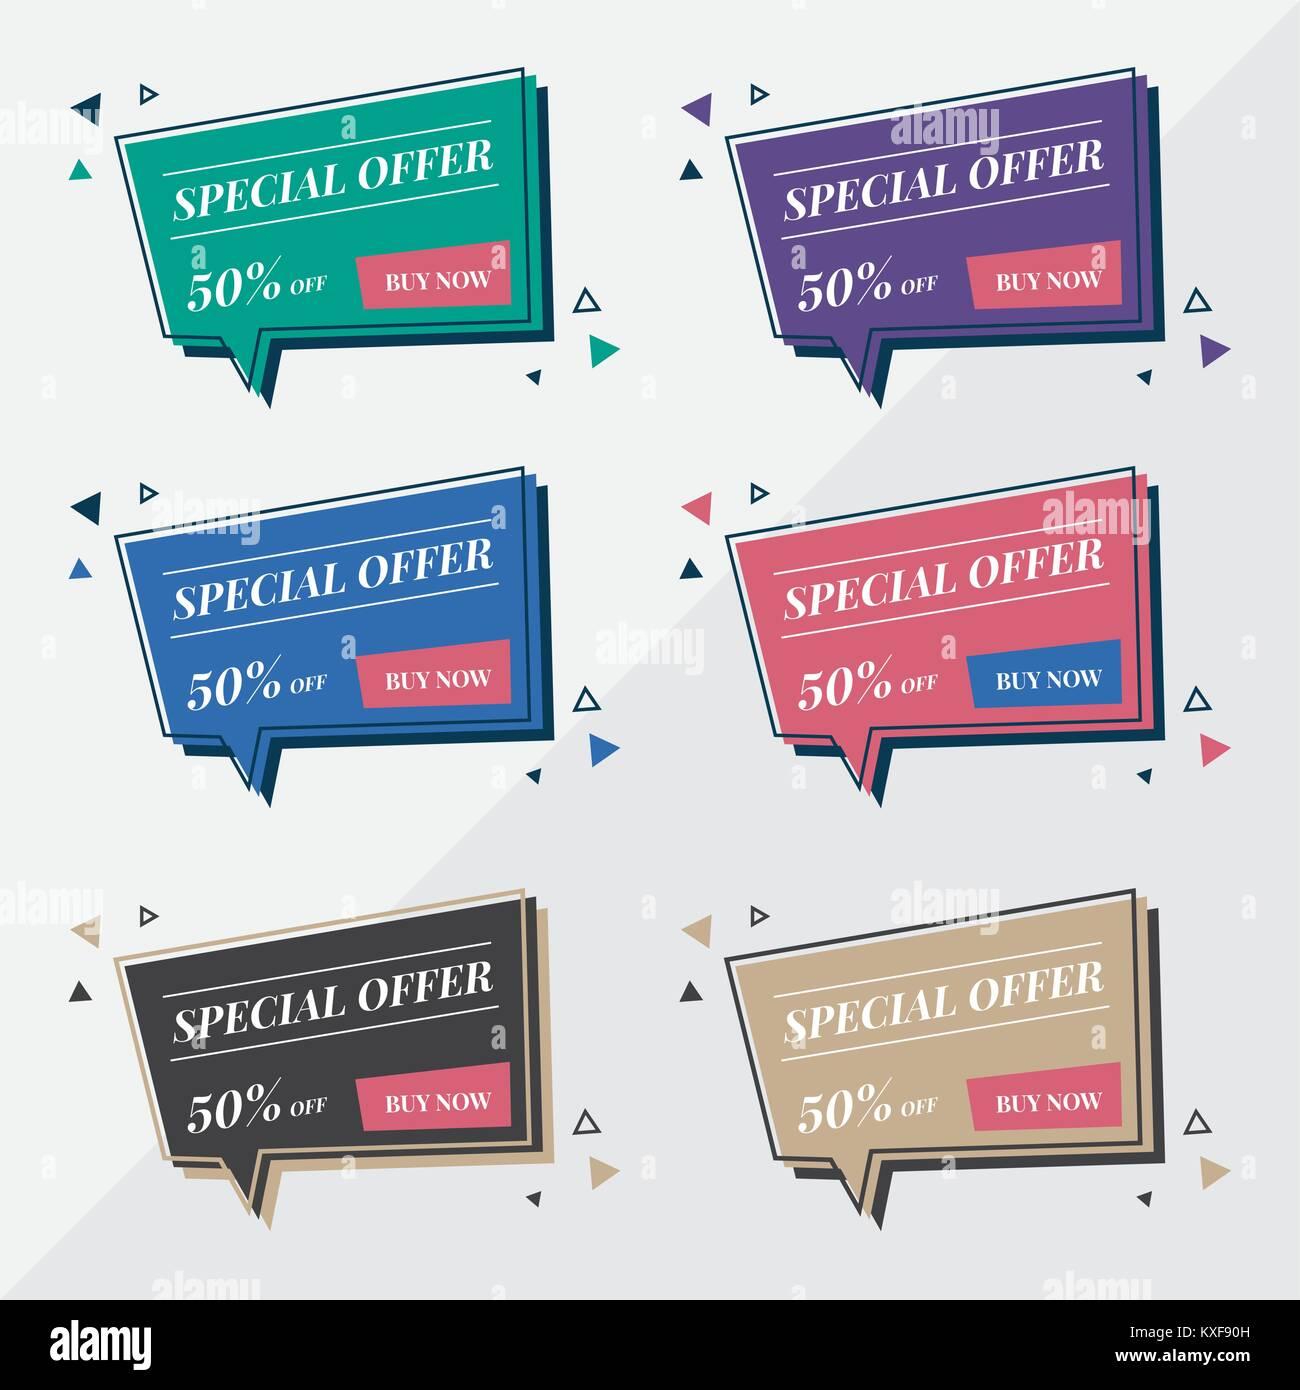 Wohnung Verkauf Banner Design Vorlagen In Memphis Retro Style